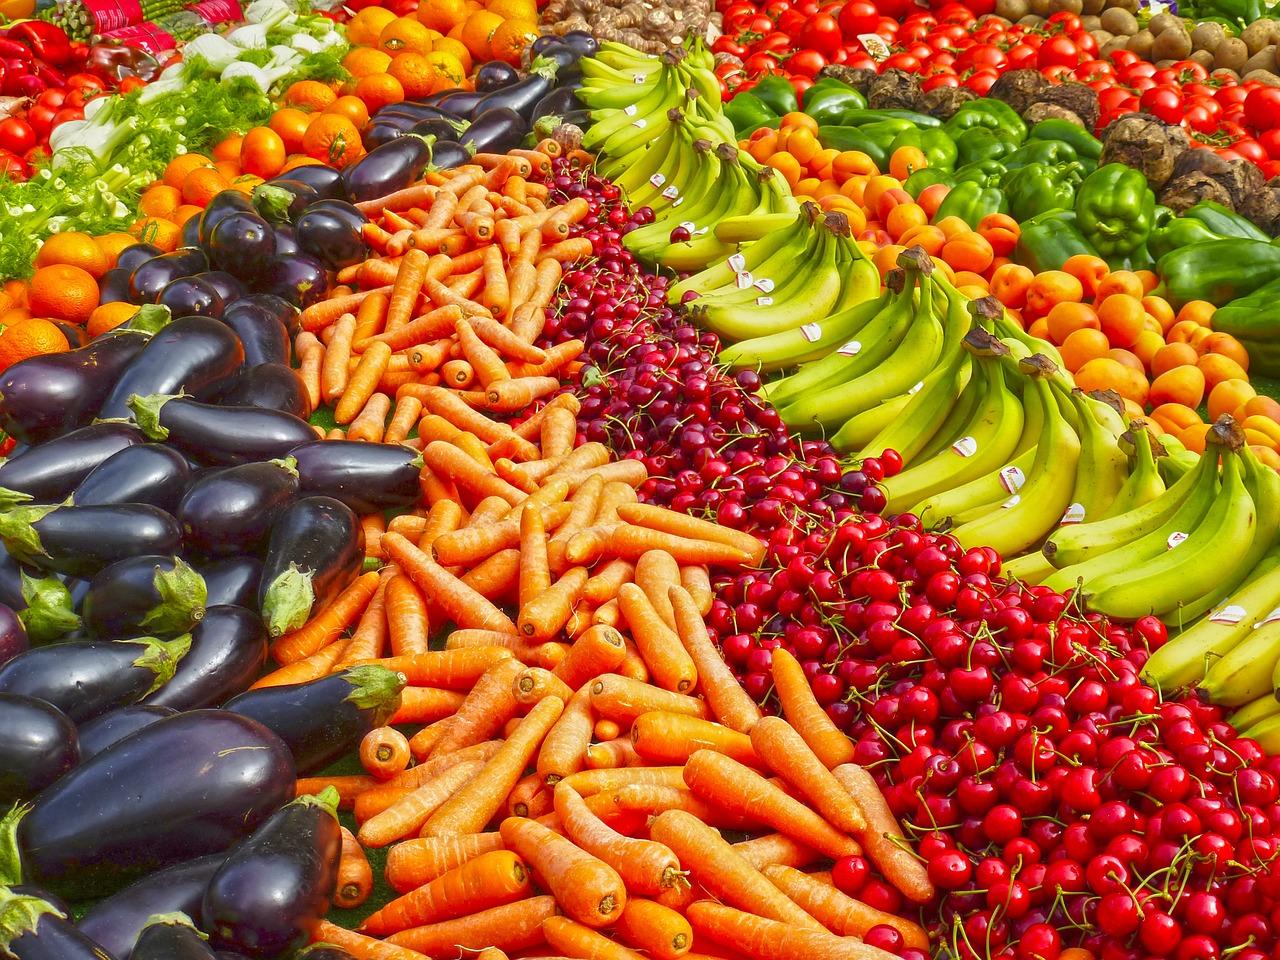 Frutta e verdura crude fanno bene al cervello